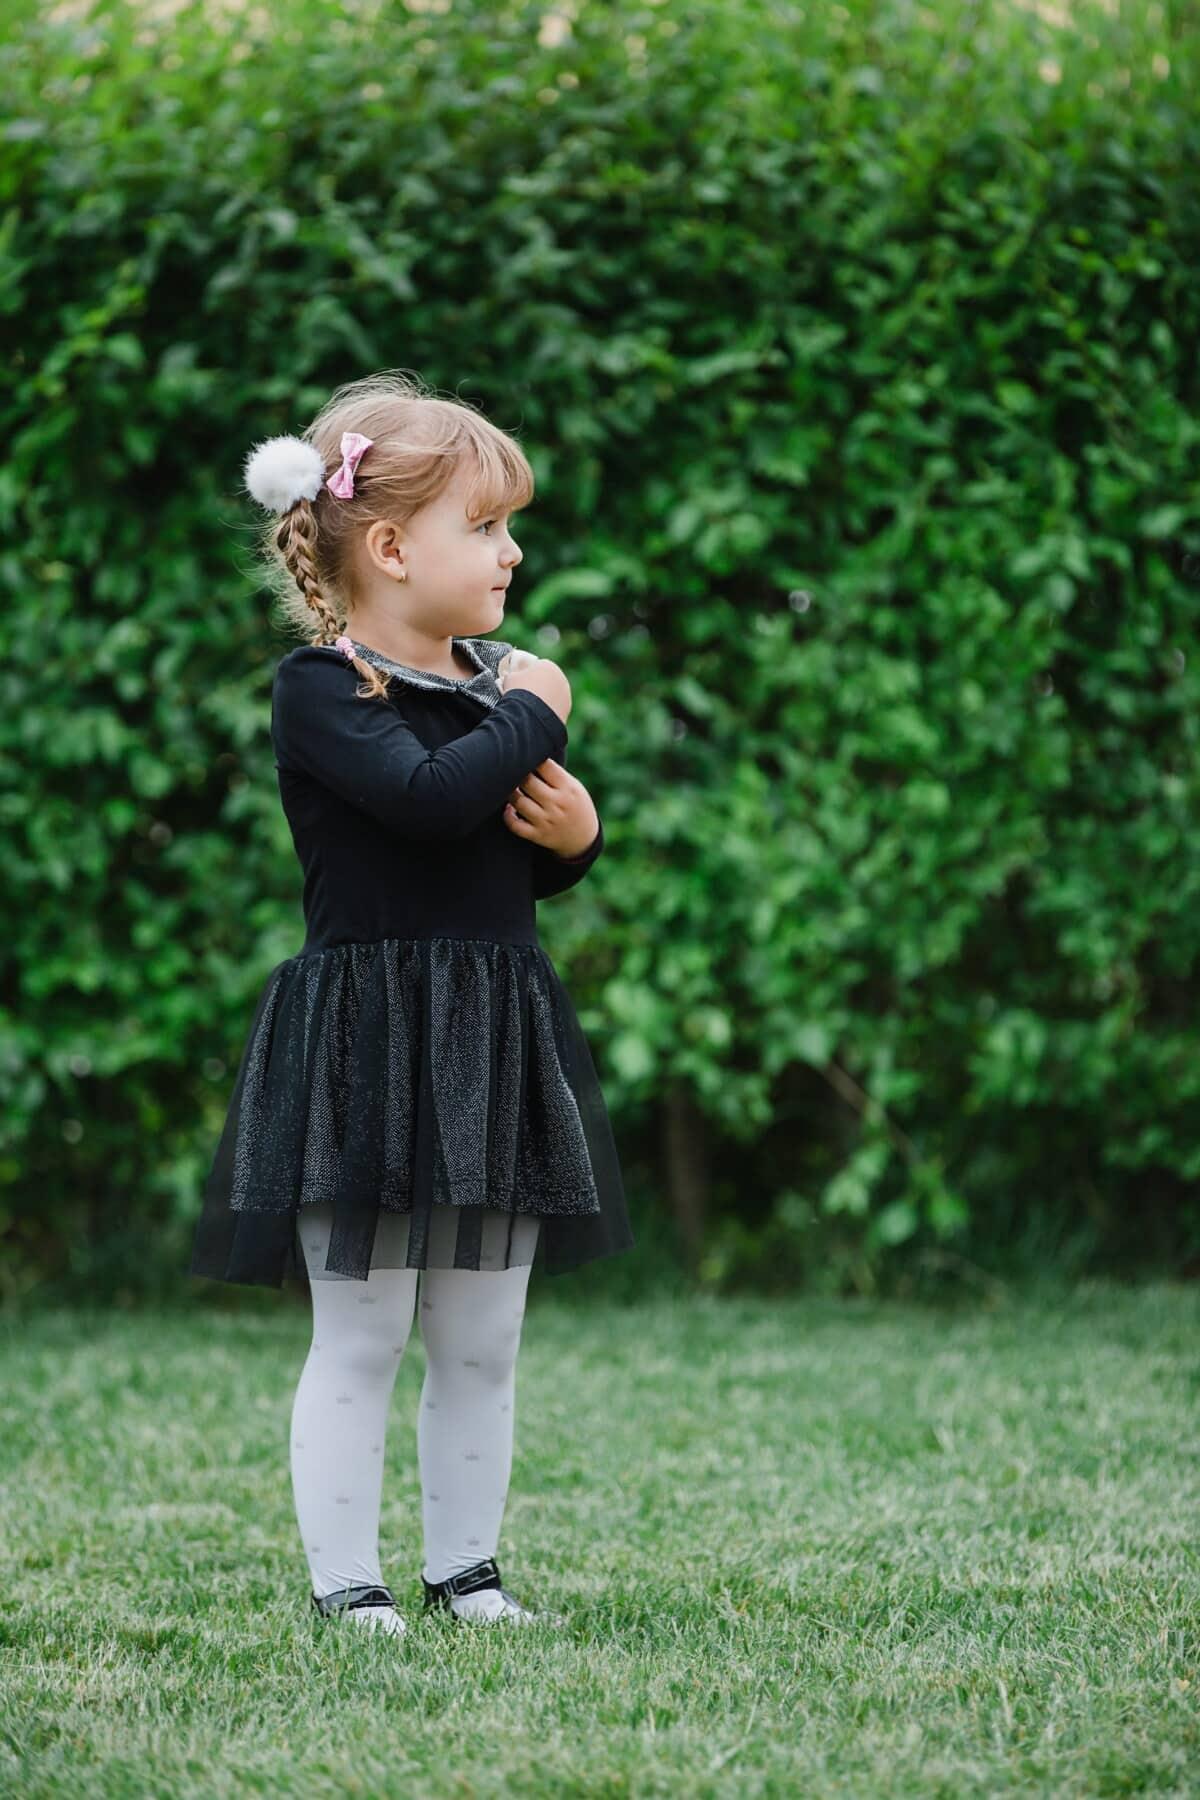 Mädchen, Blondine, untergeordnete, junge, Kleid, Schwarz, Mode, blond, Park, Gras